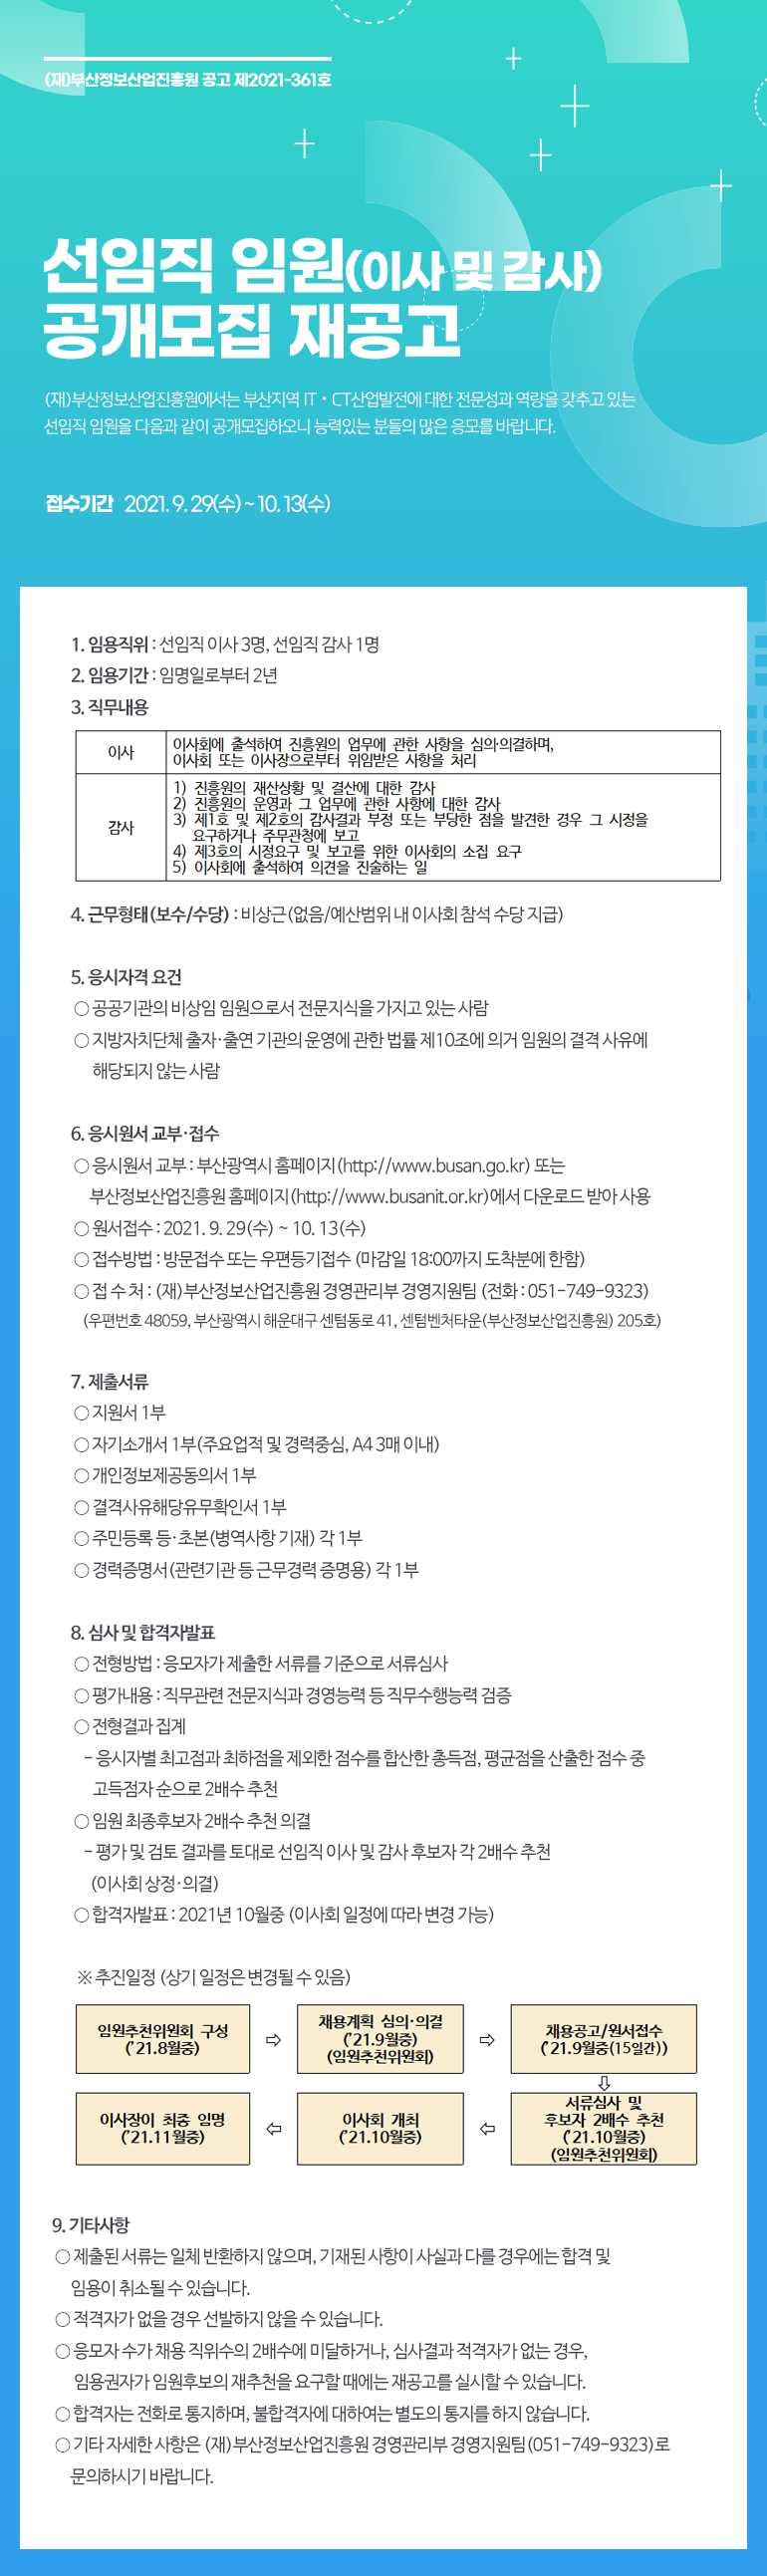 (재)부산정보산업진흥원 선임직 임원(이사 및 감사) 공개모집 재공고